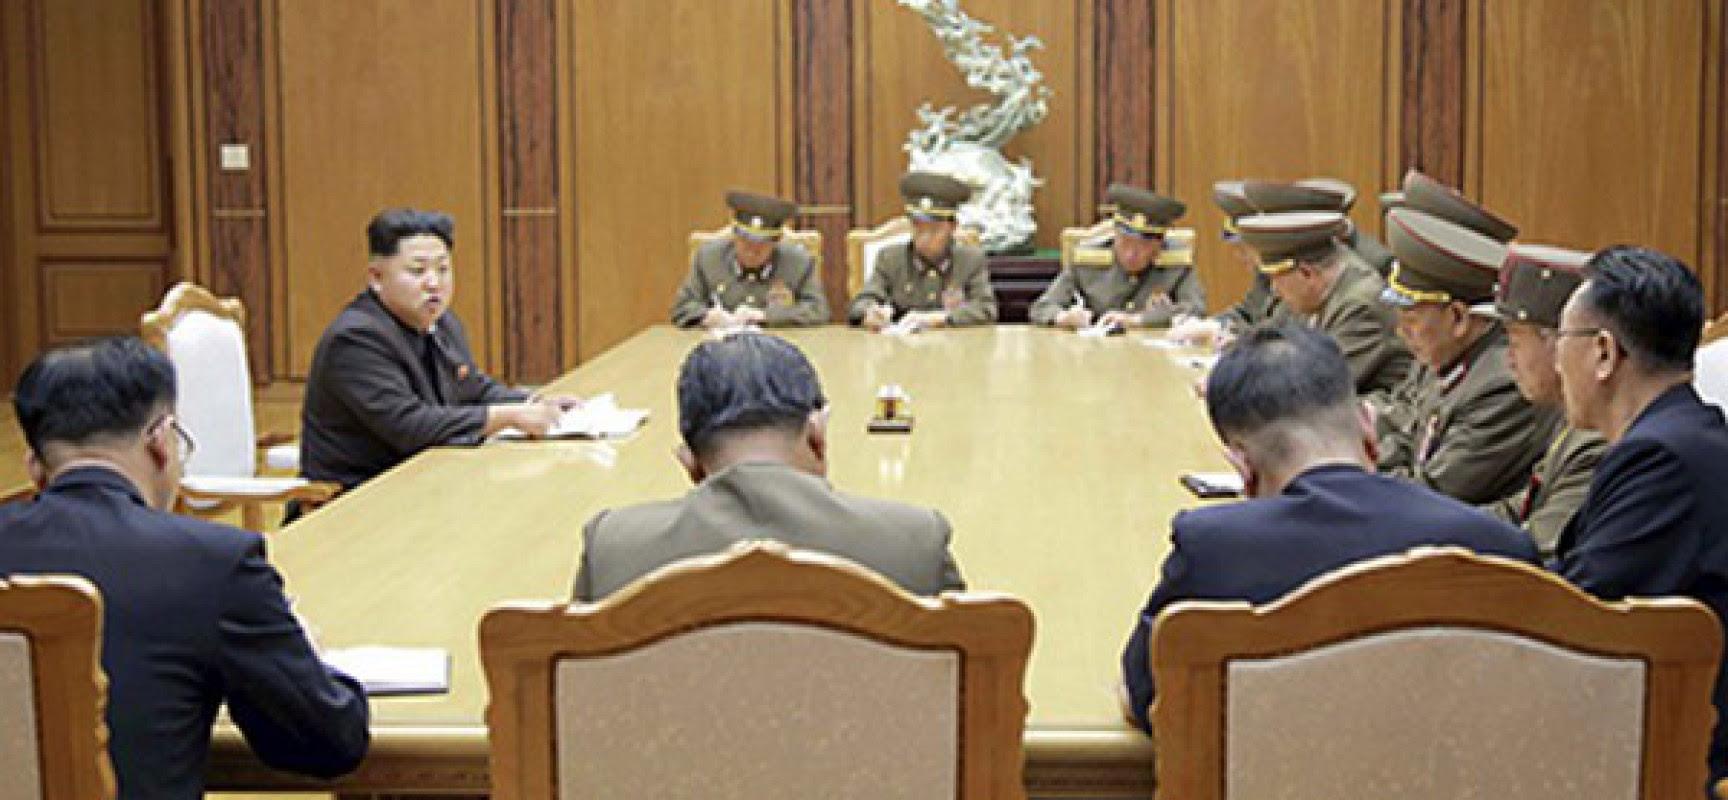 Kim Jong-Un: Ce sont les armes nucléaires, et non la discussion, qui ont permis la sortie de crise